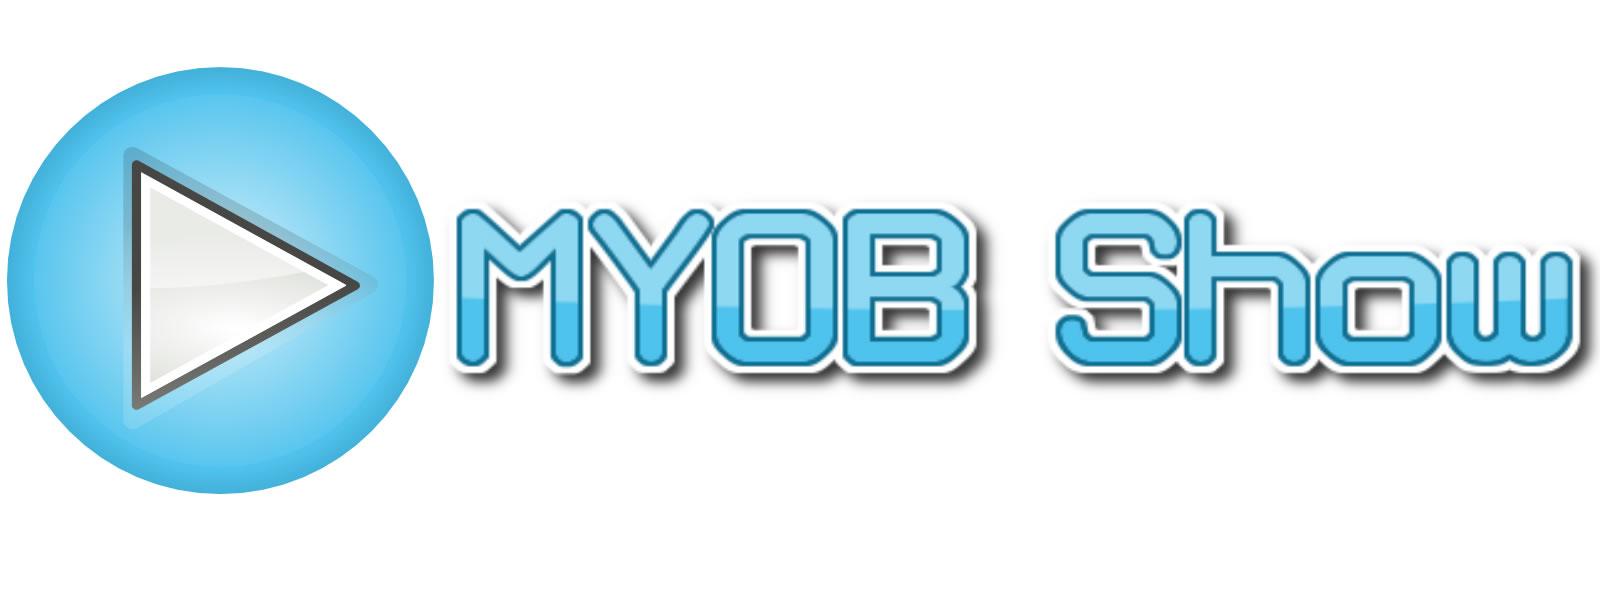 MYOB Show logo